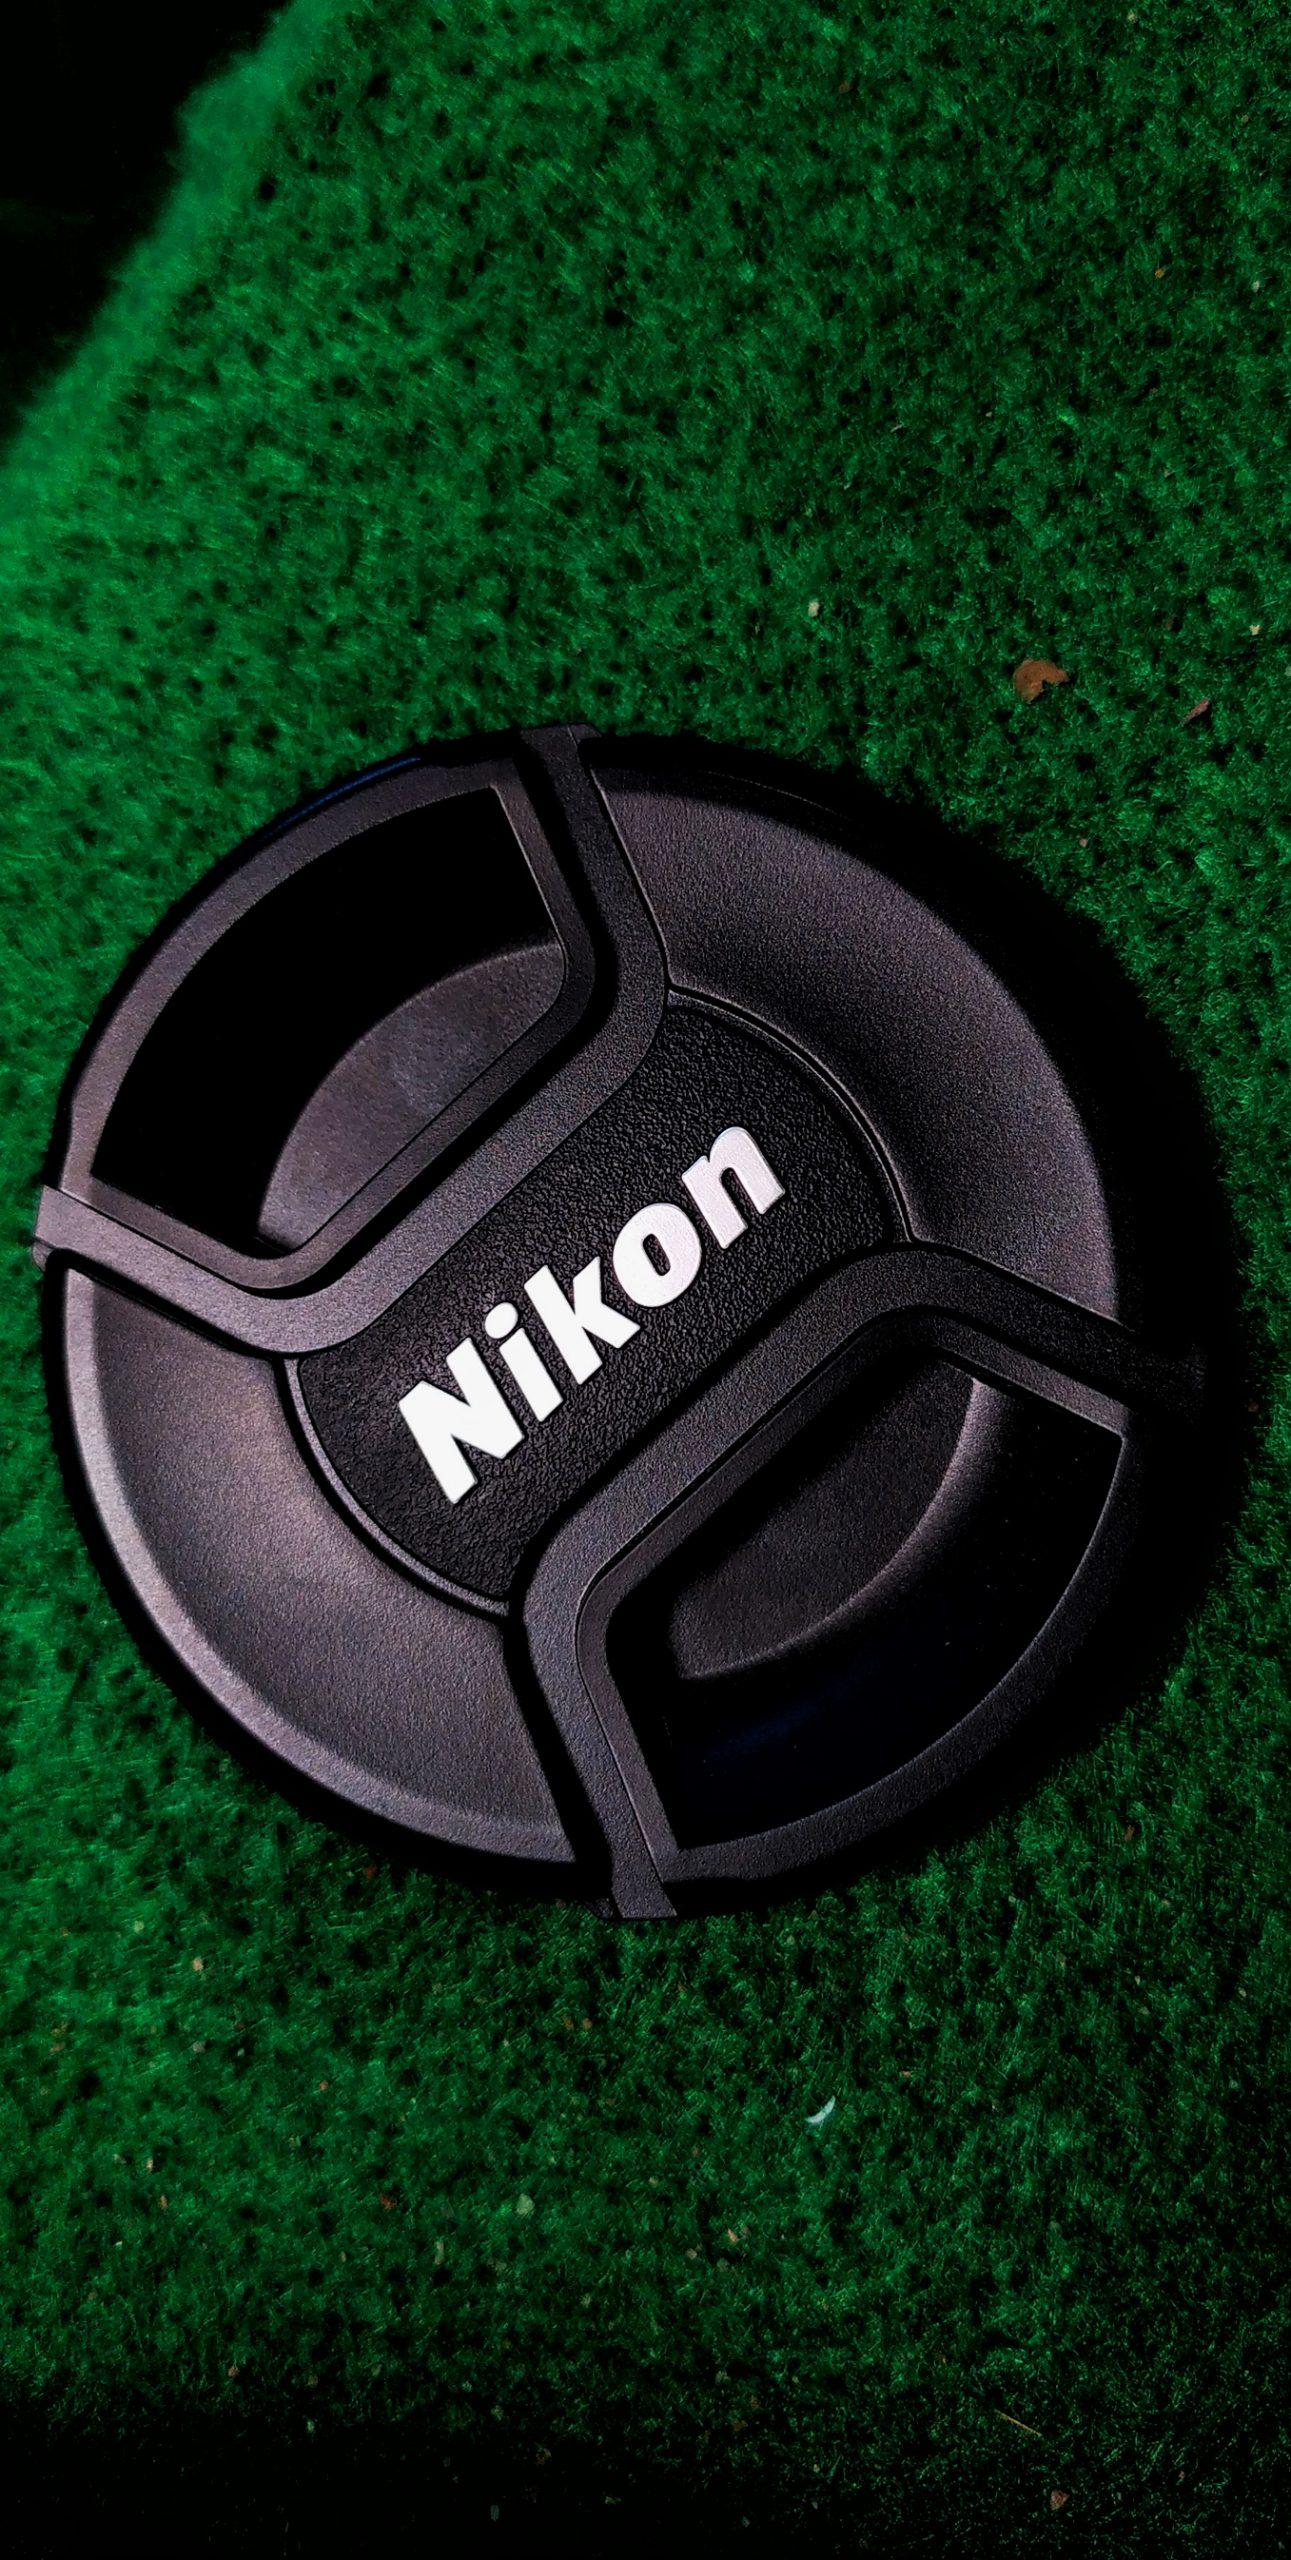 A camera lens cap